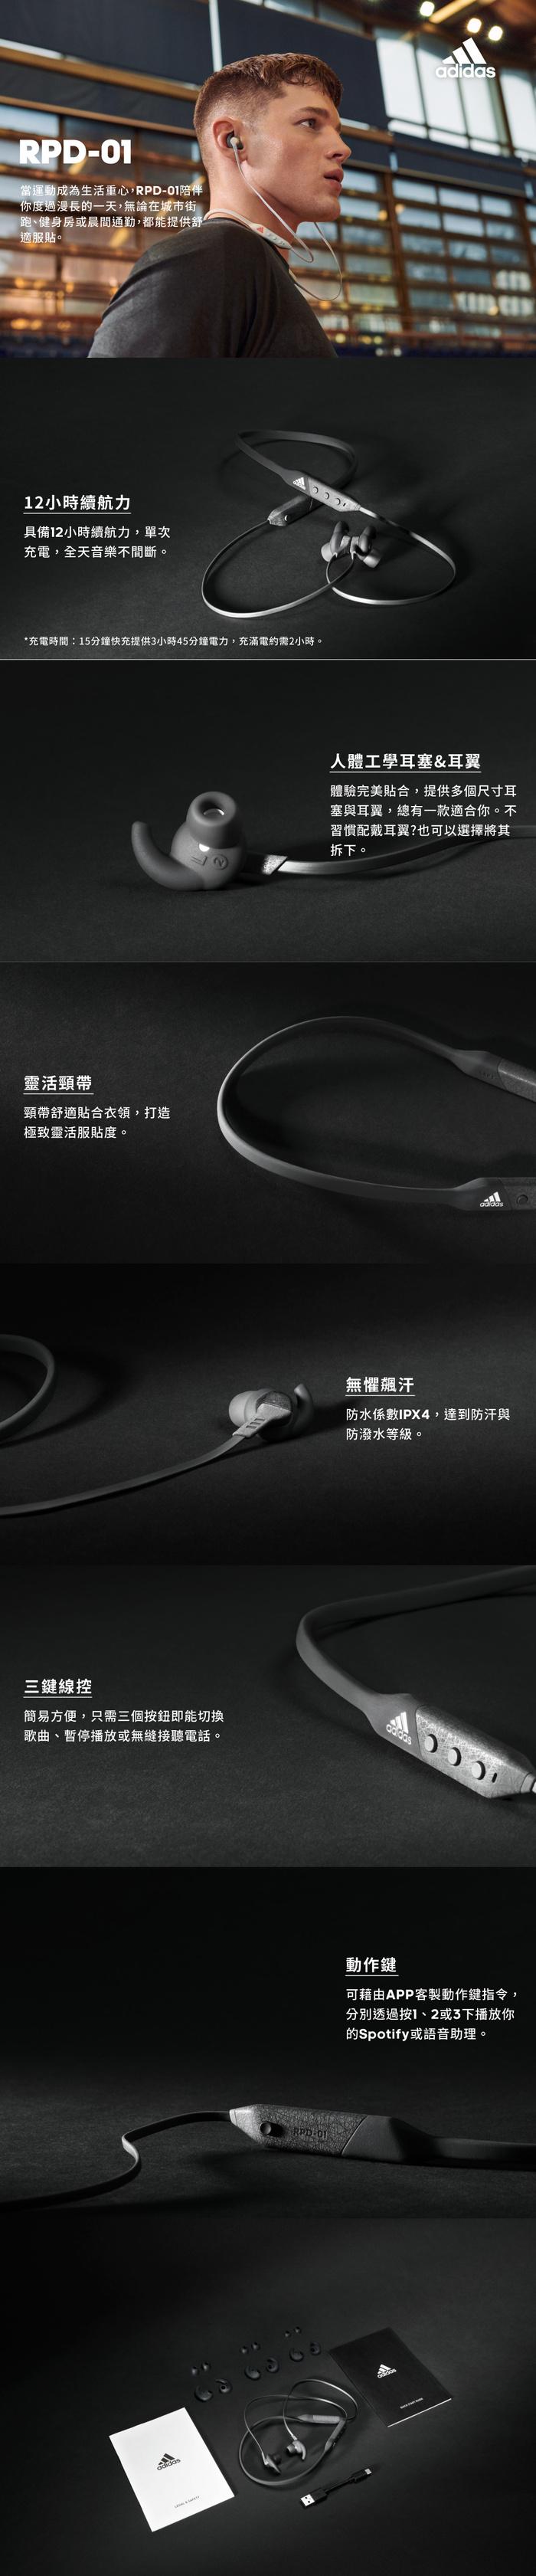 (複製)Adidas|FWD-01 入耳式藍牙運動耳機(夜晚灰)